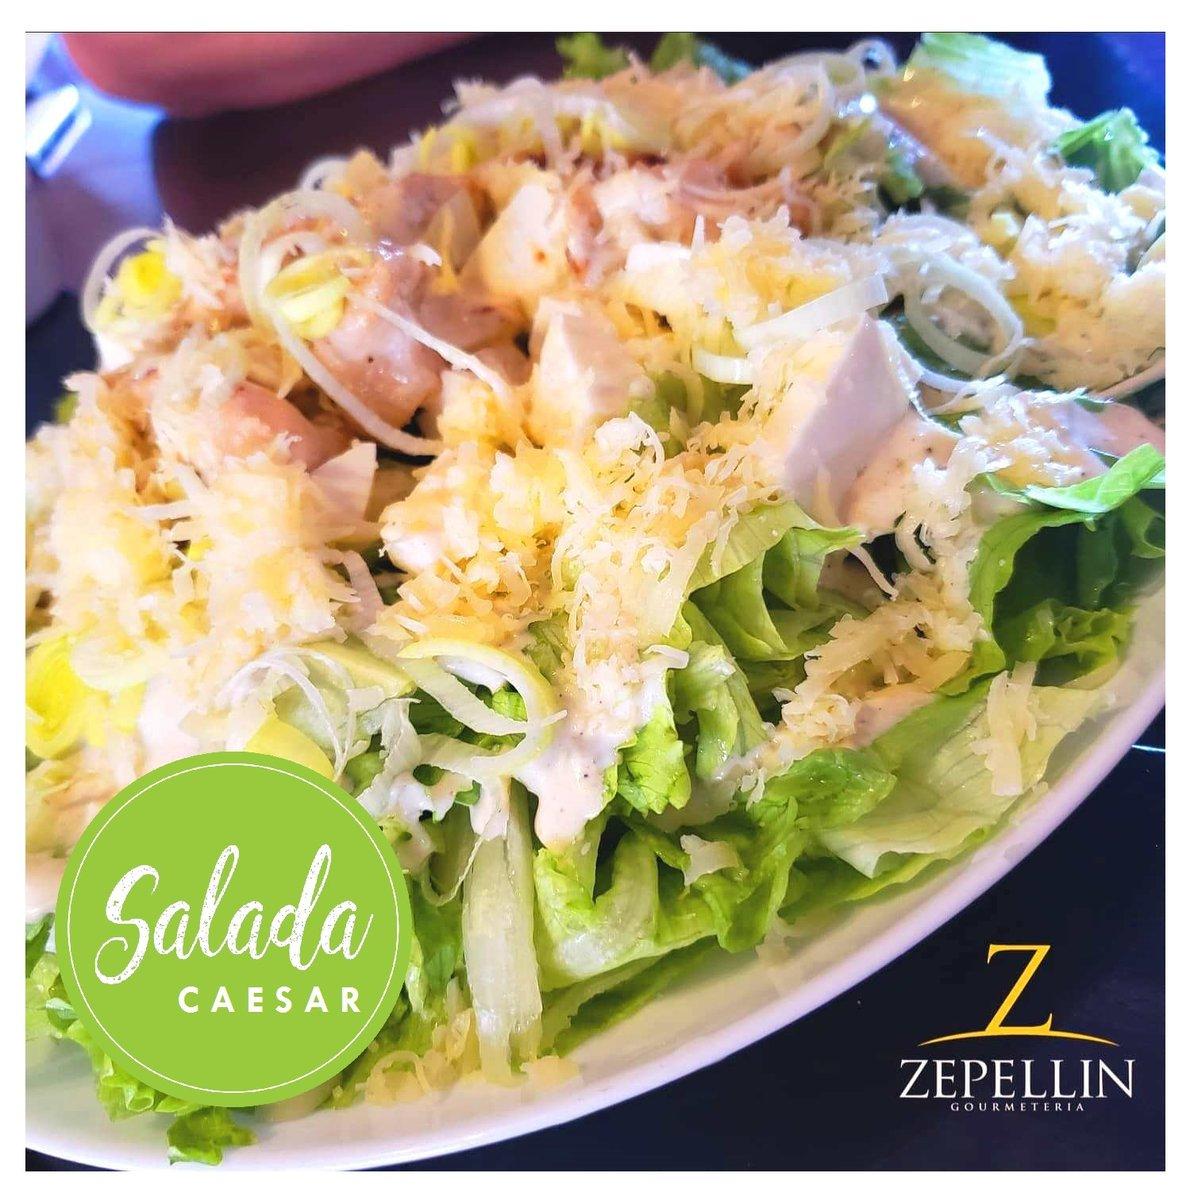 Acompanhando tbm de leve a sua segunda-feira 😉🥗🏃♀️🏃♂️  Vem pro Zep ou peça em casa pelo Zap 📱99274 7095 ⏰18h às 22h30  #vemprozep #salada #saladacaesar #fitness #fit #vidaleve #vidasaudavel #gourmet